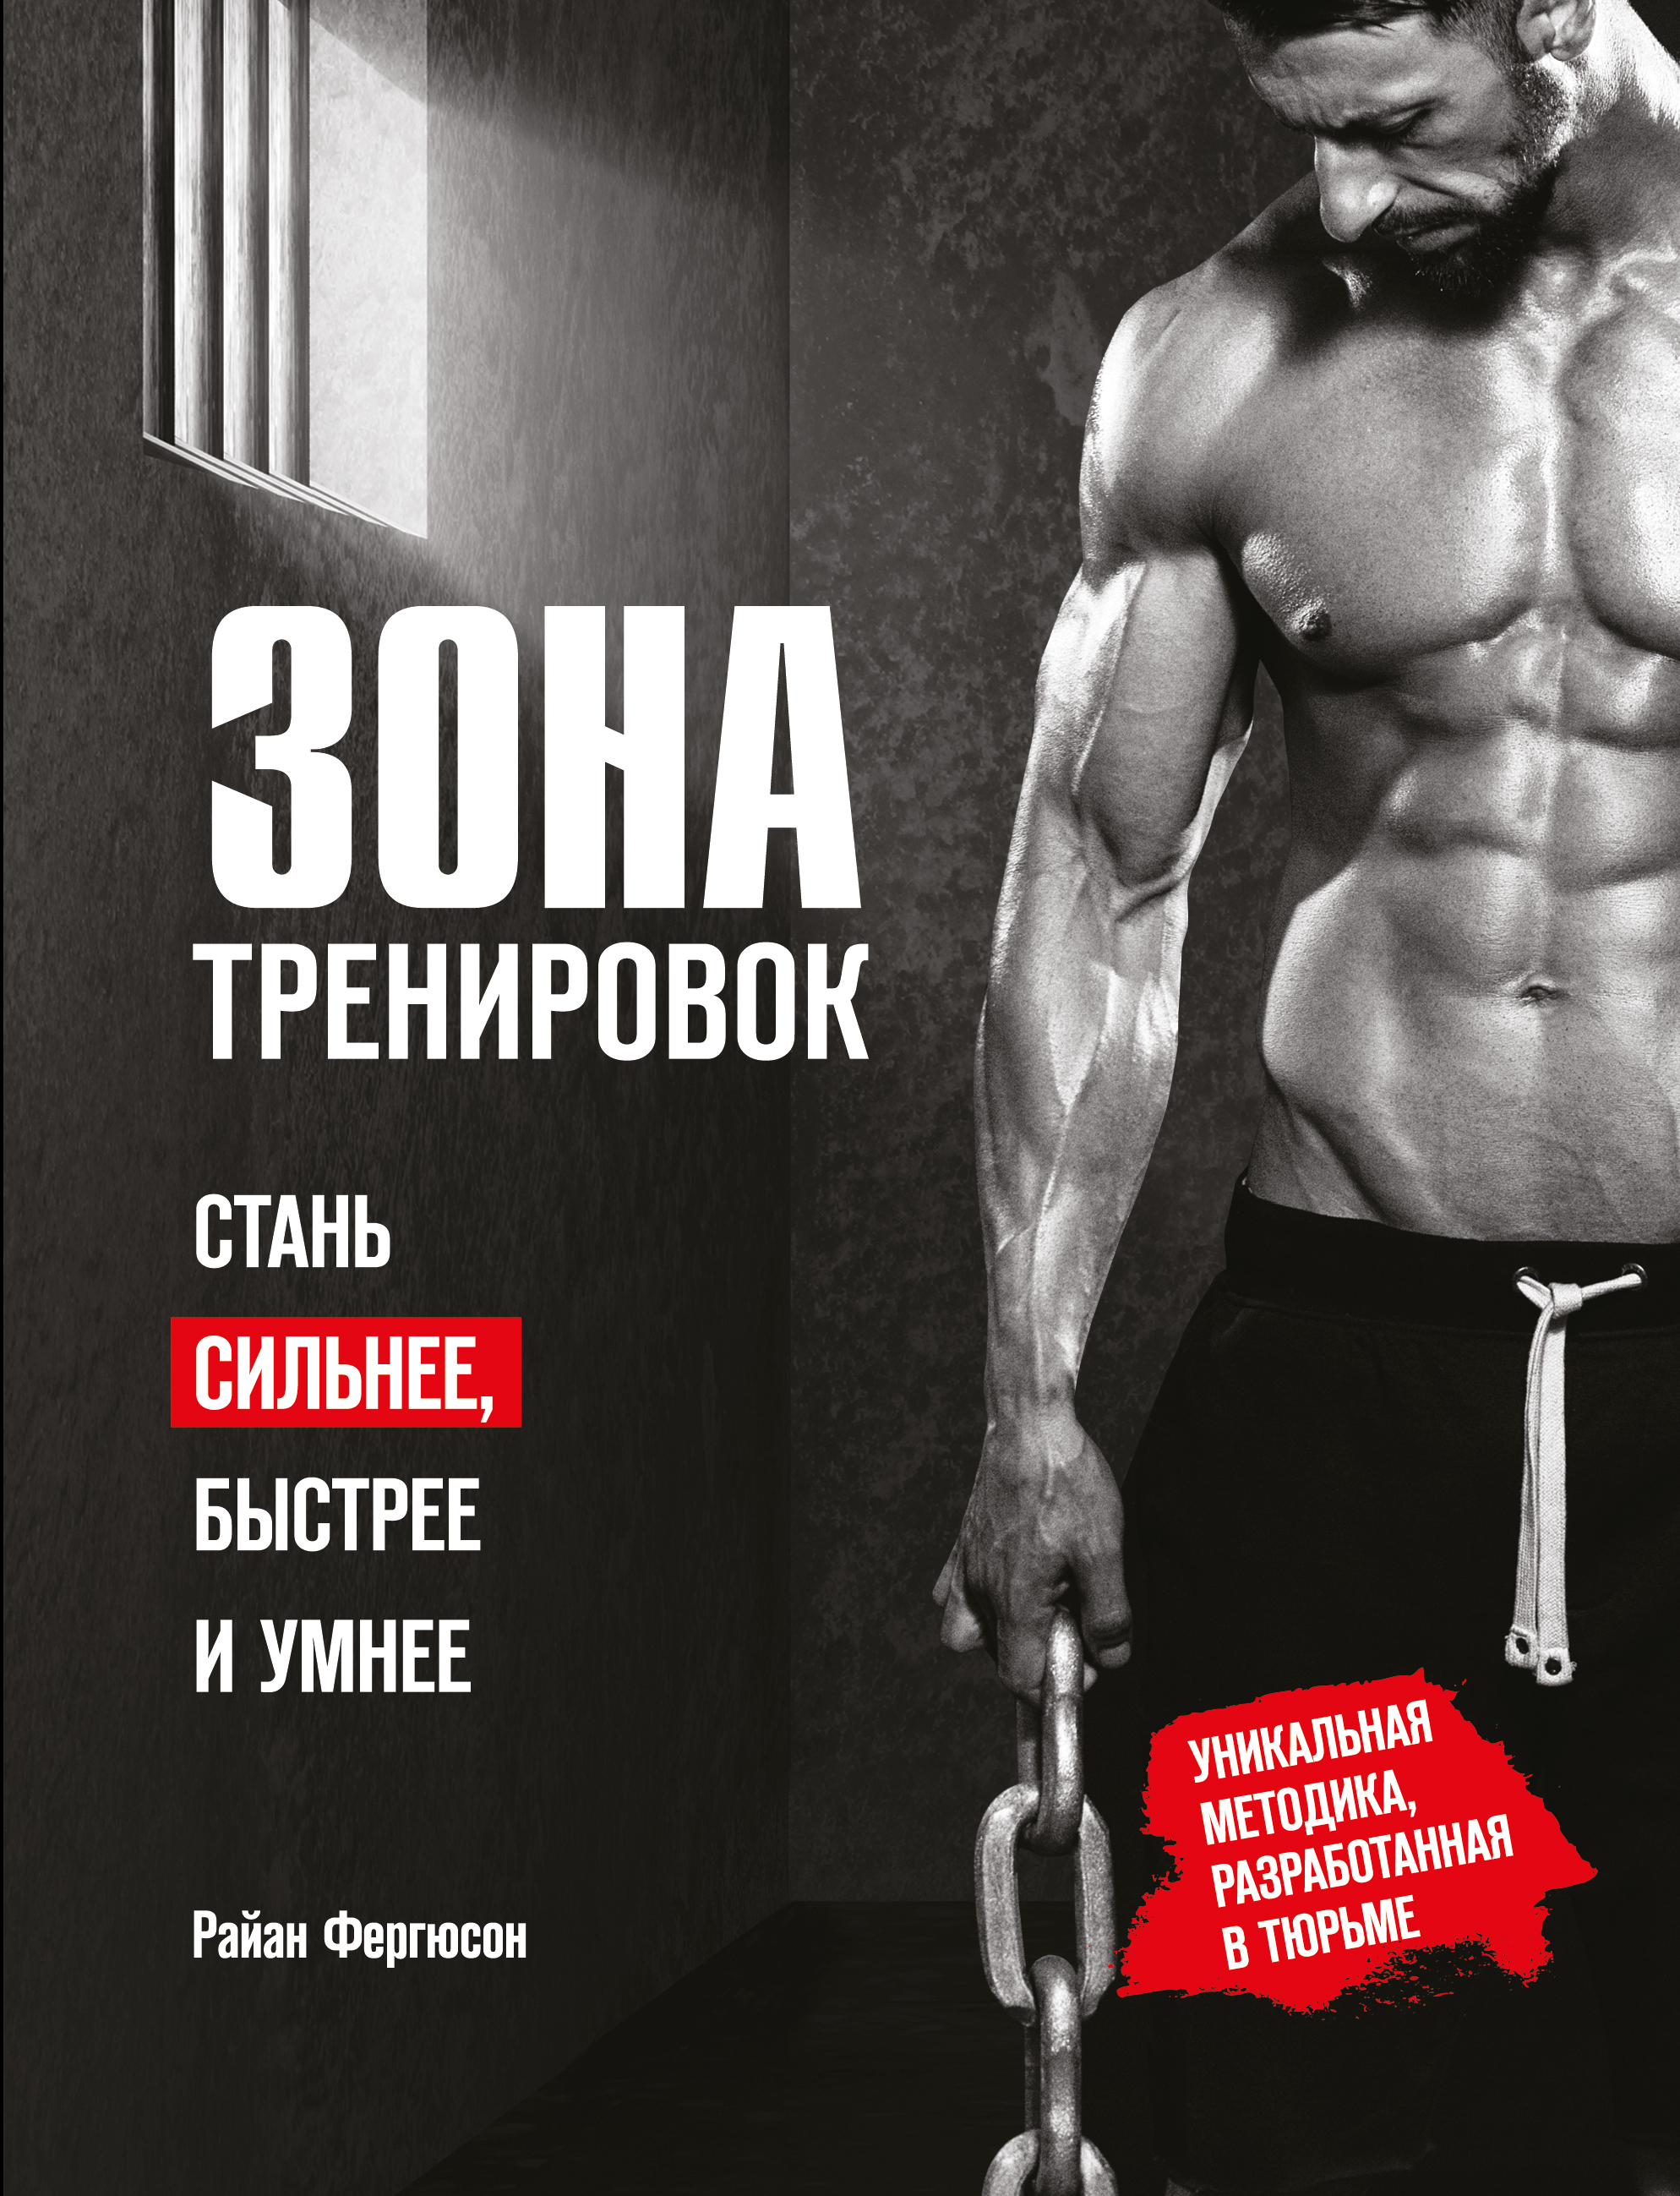 Зона тренировок. Стань сильнее, быстрее и умнее от book24.ru